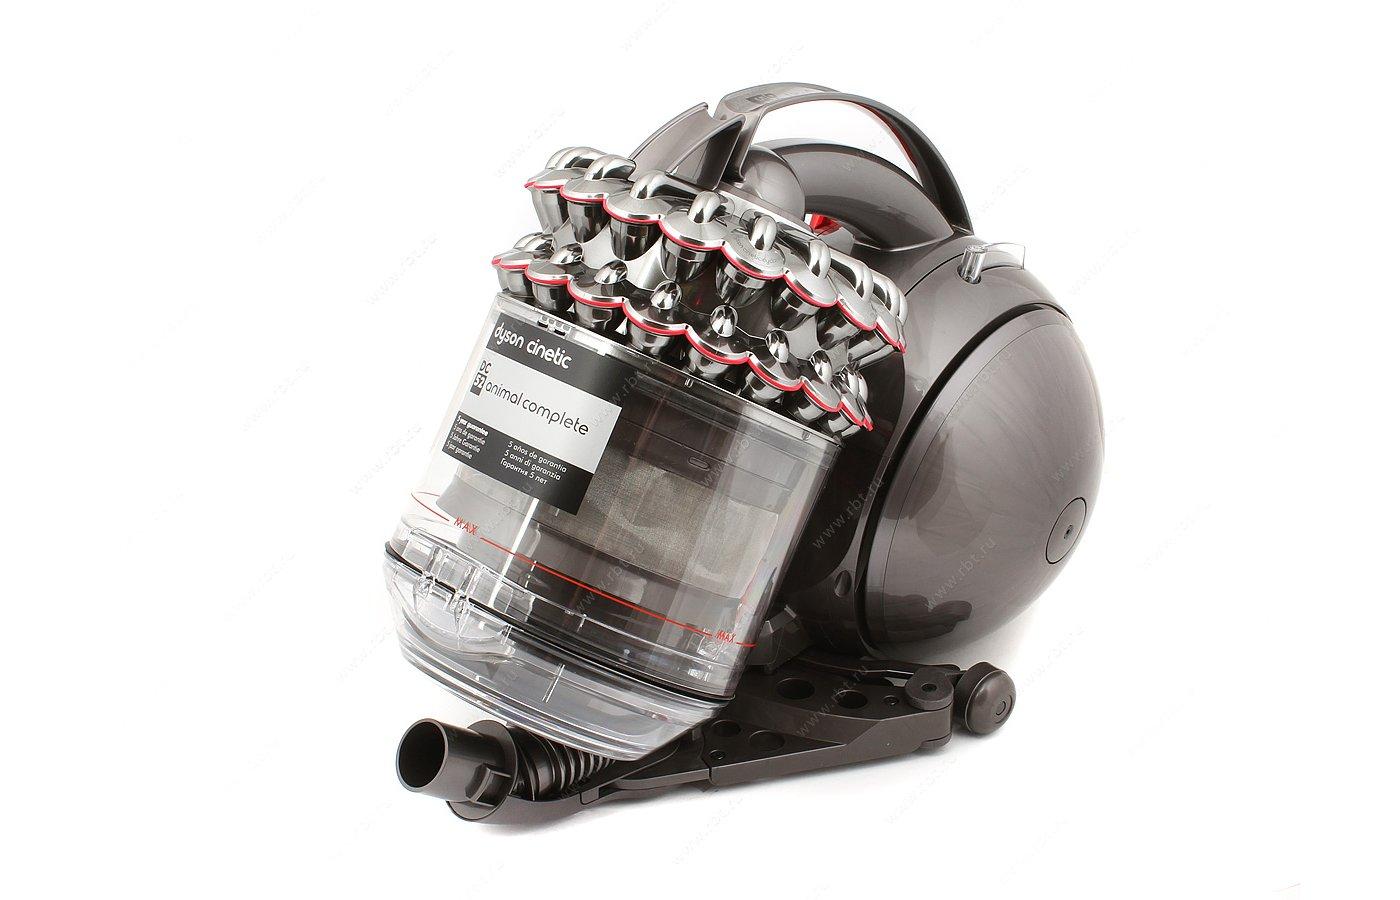 Пылесос дайсон 52 характеристики турбощетка dyson 911566 совместимость